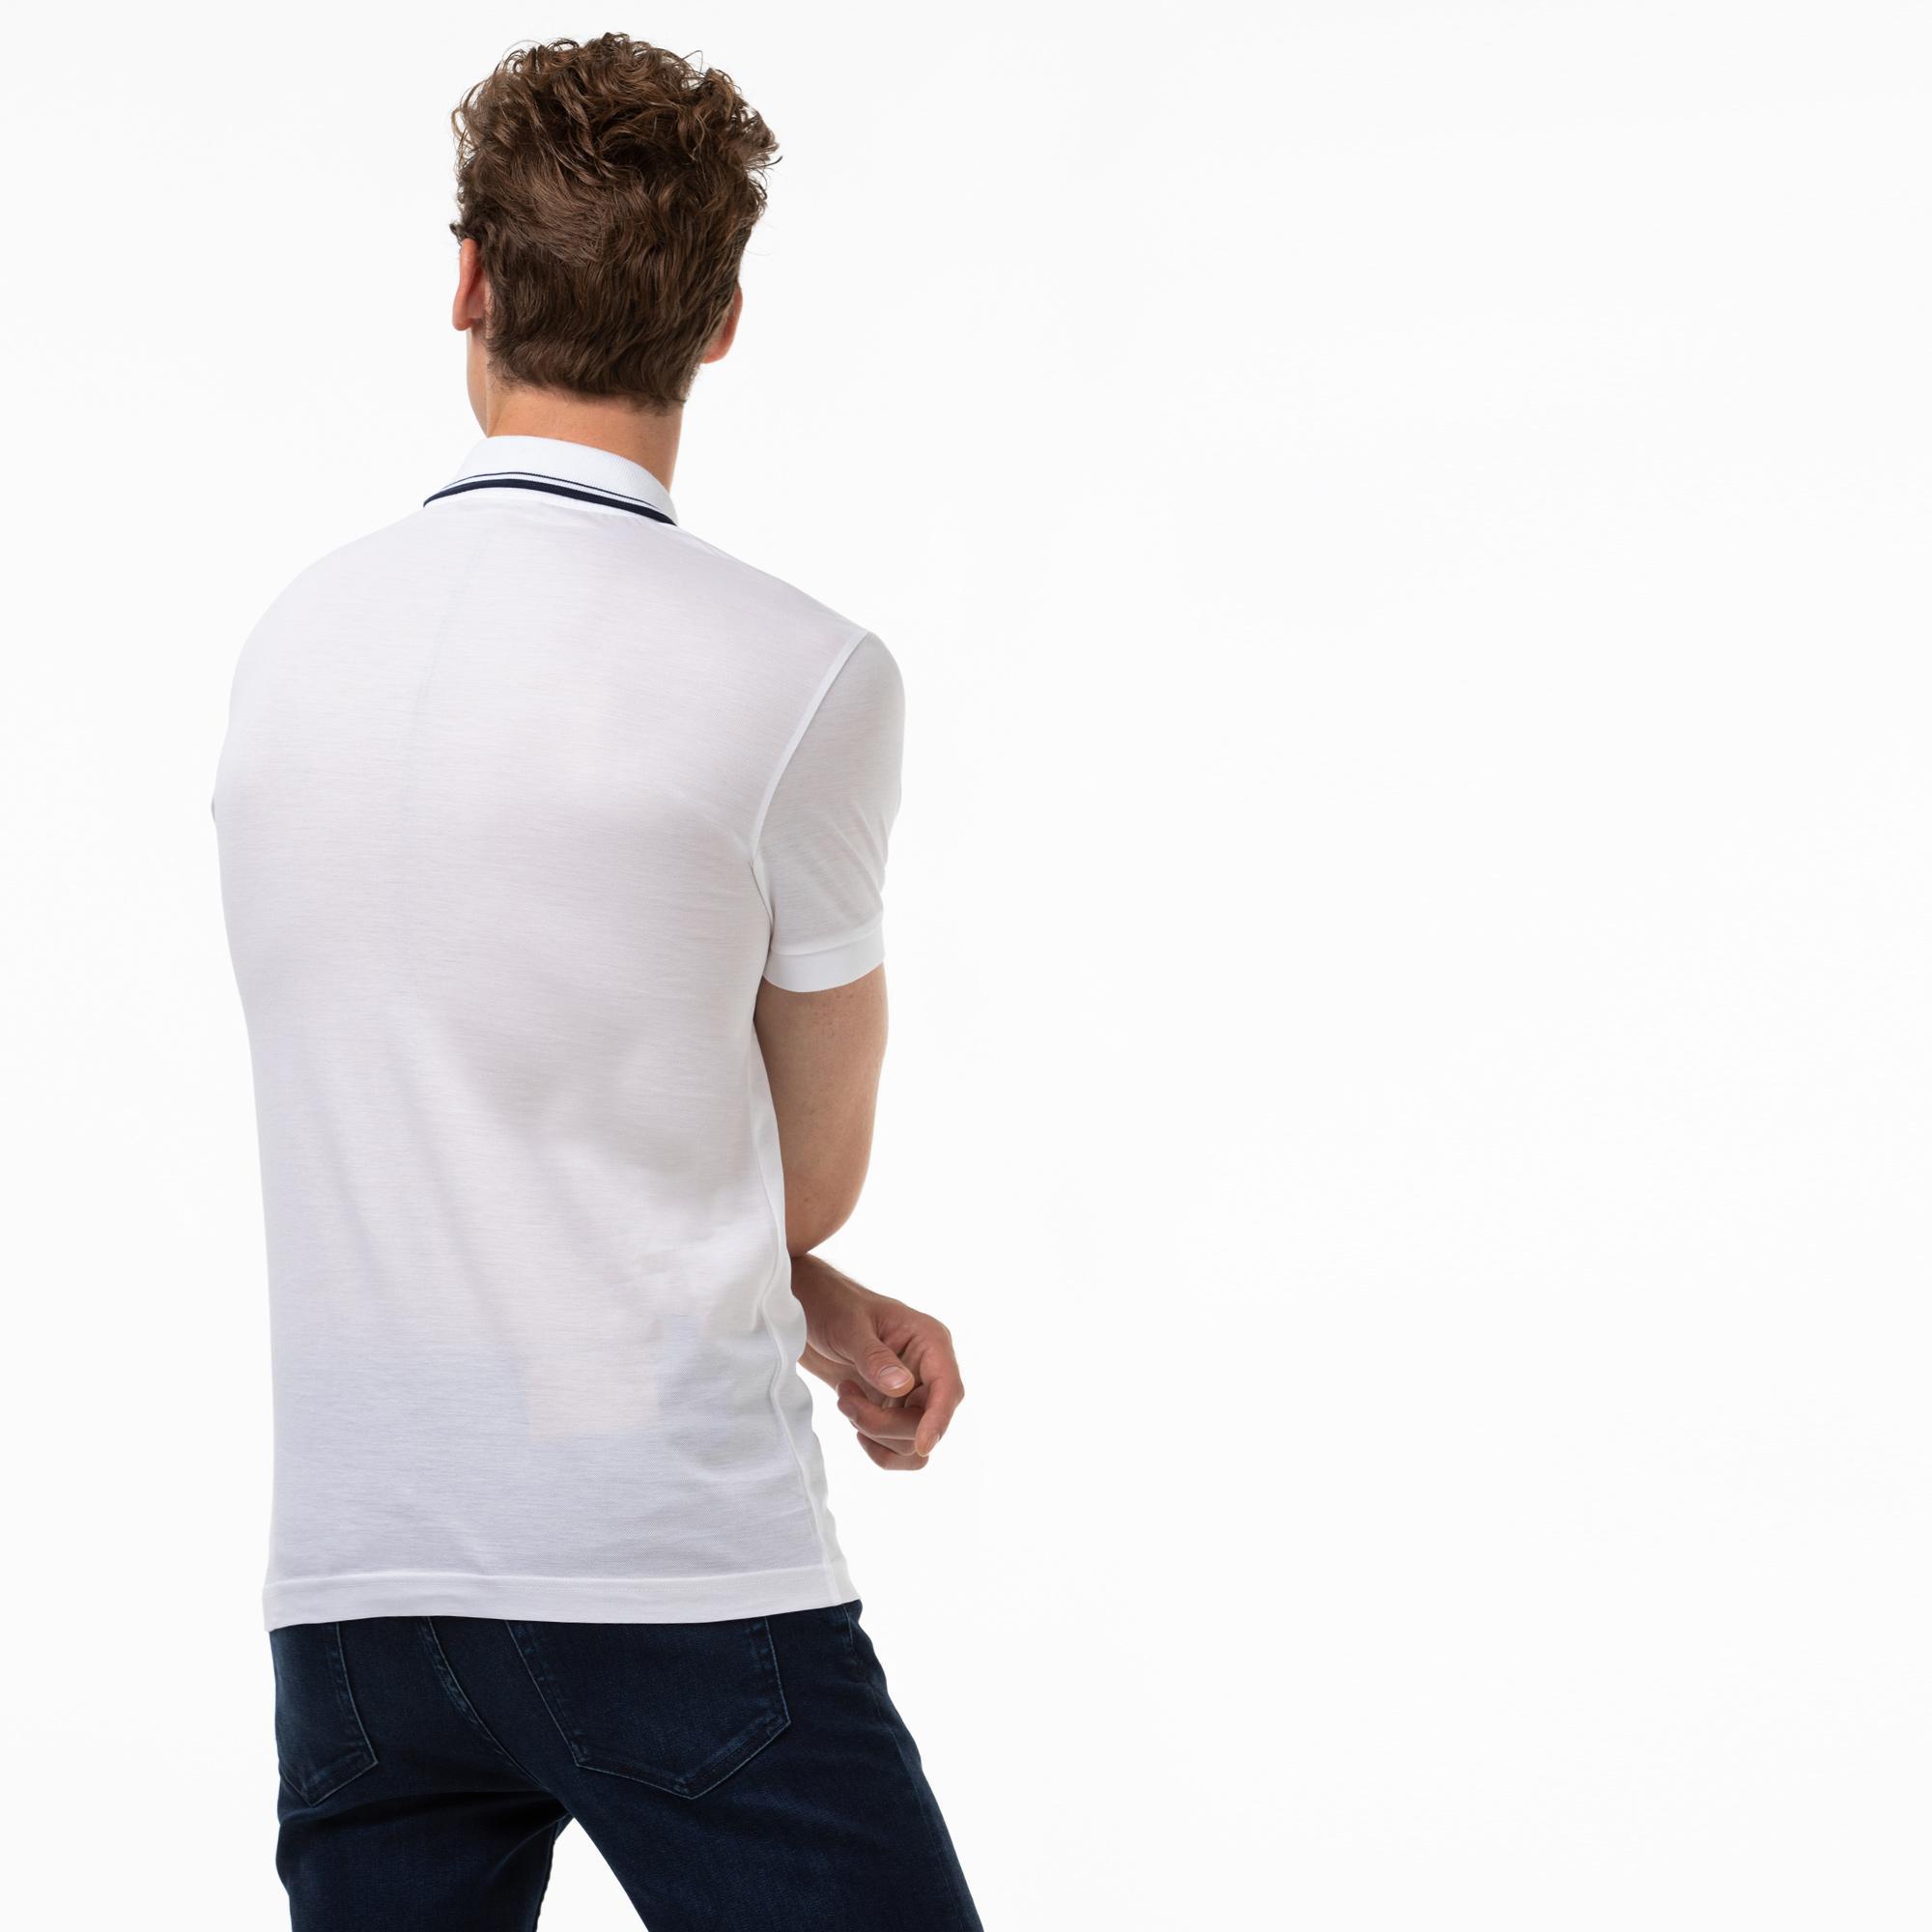 Lacoste Męska Koszulka Polo Slim Fit Z Kołnierzykiem Zapinanym Na Zamek